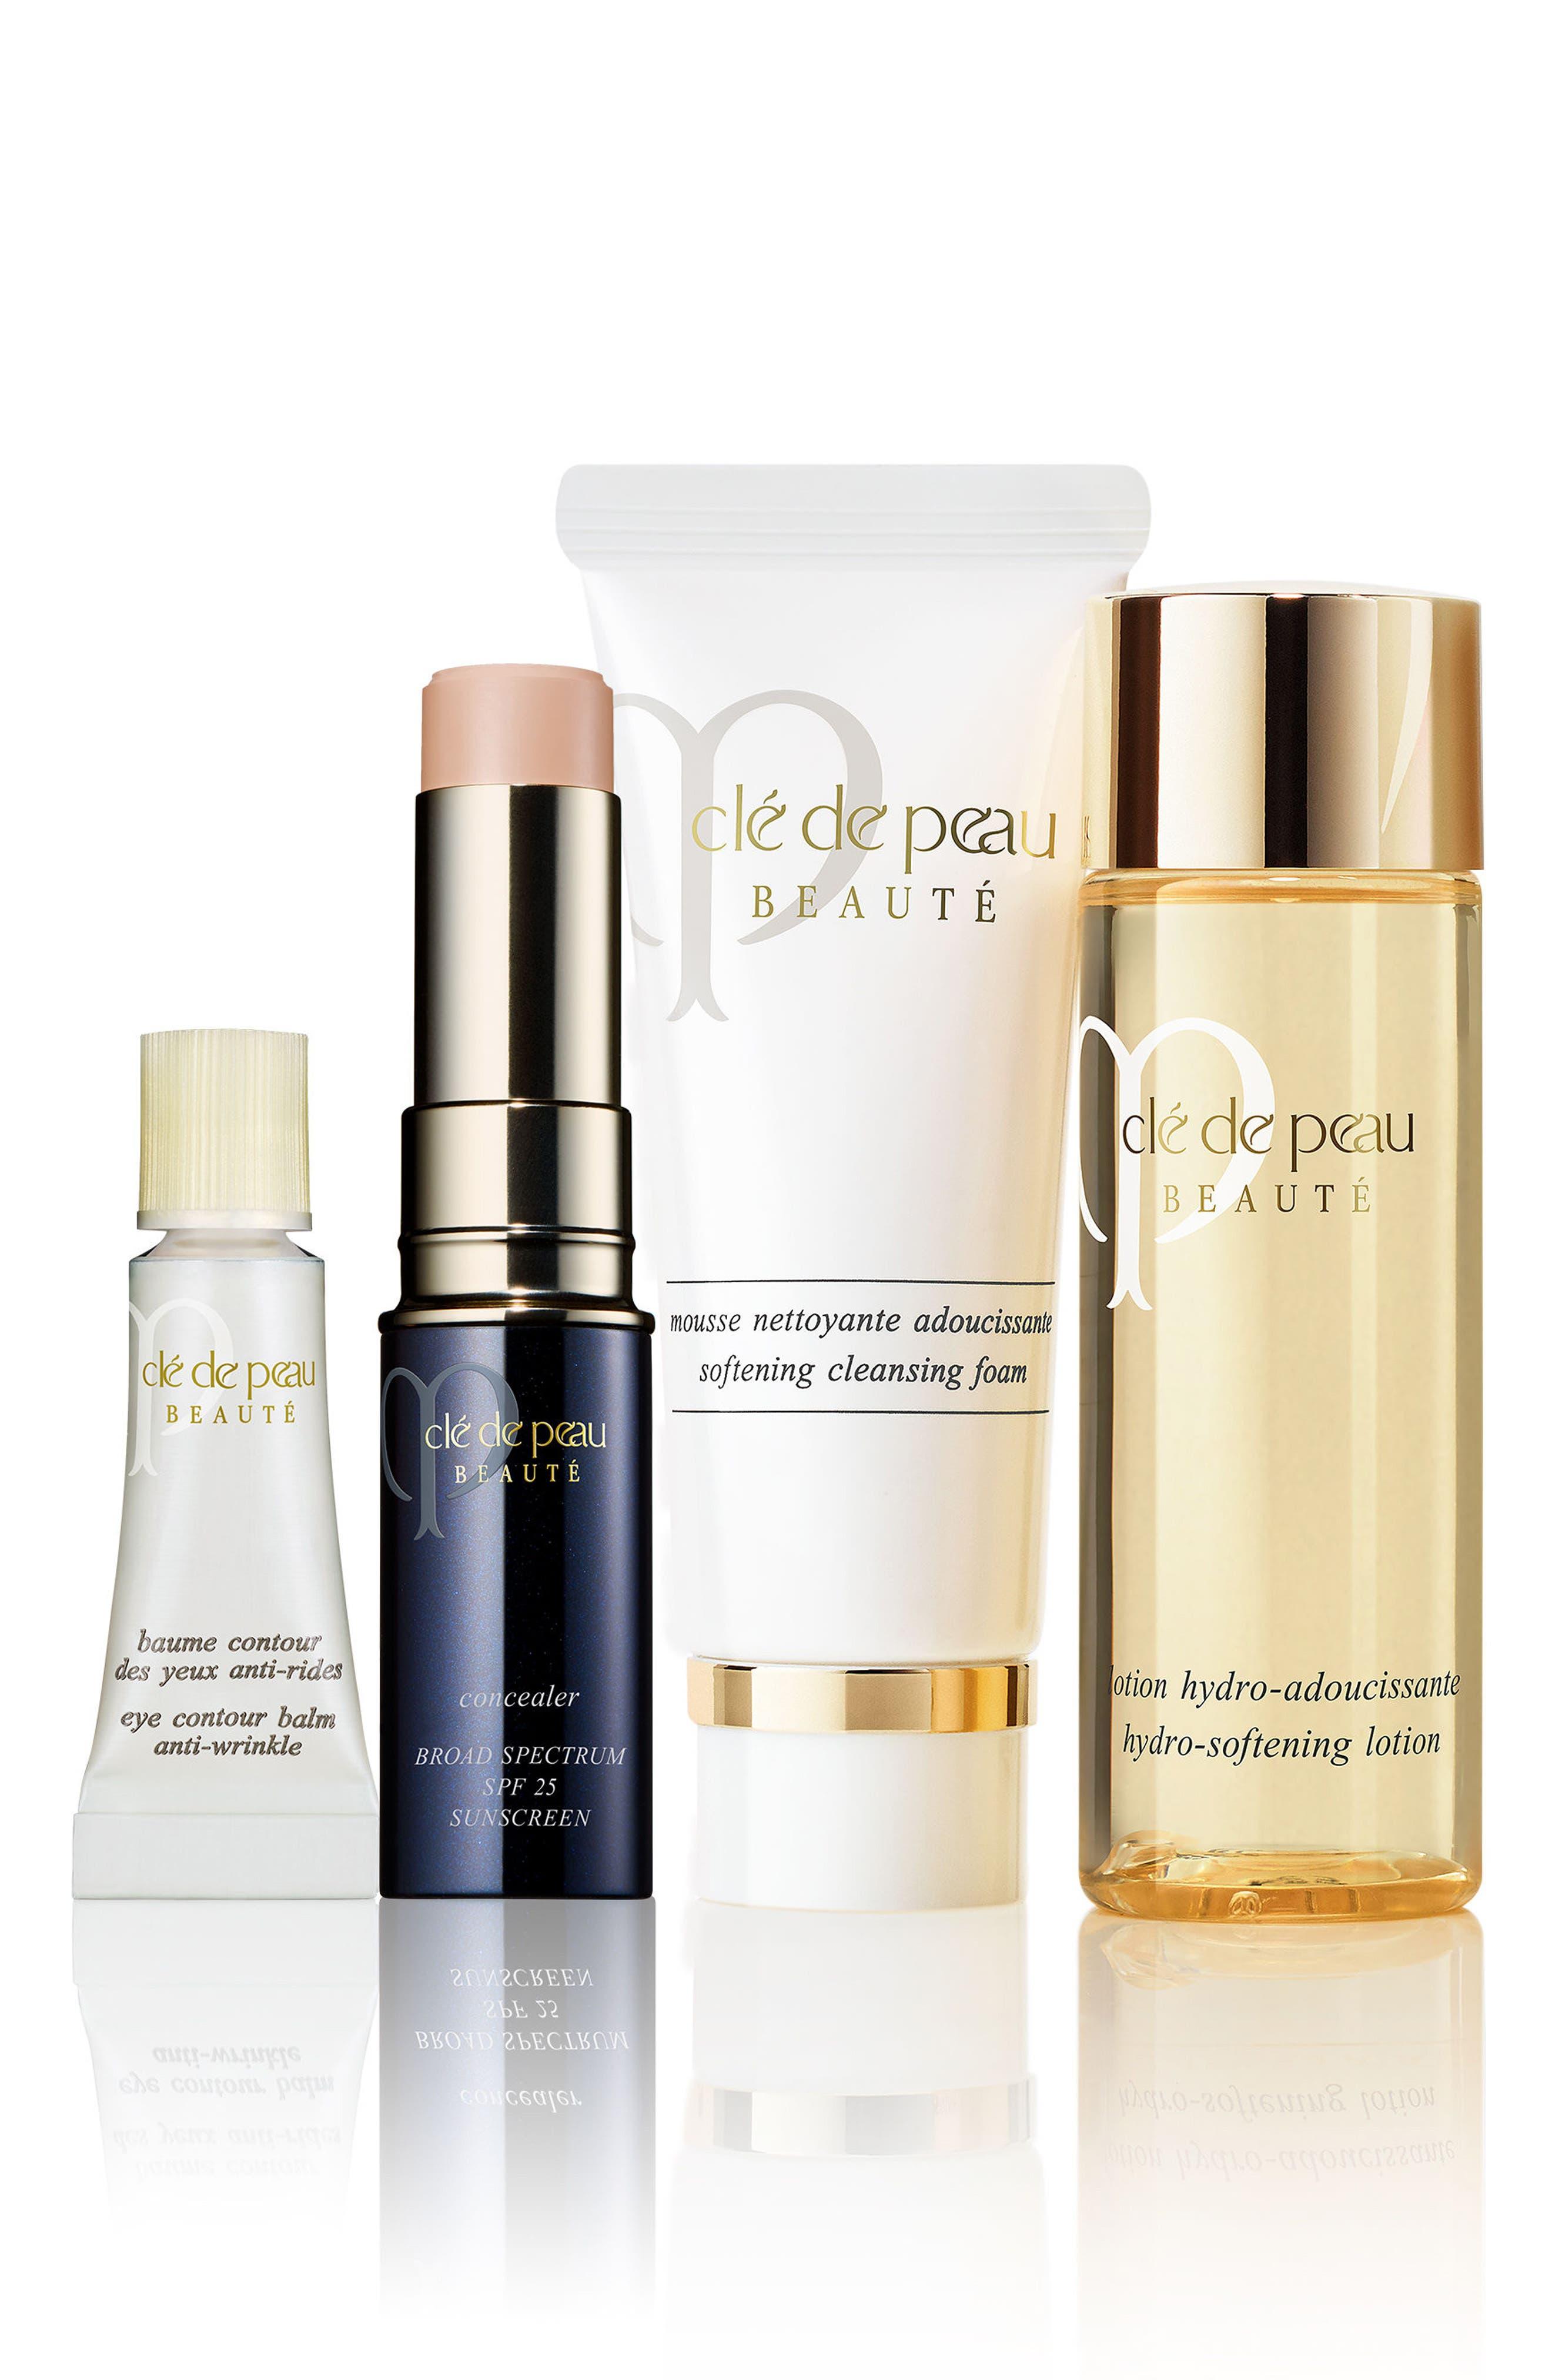 Clé de Peau Beauté Concealer & Skin Care Set (Nordstrom Exclusive) ($118 Value)